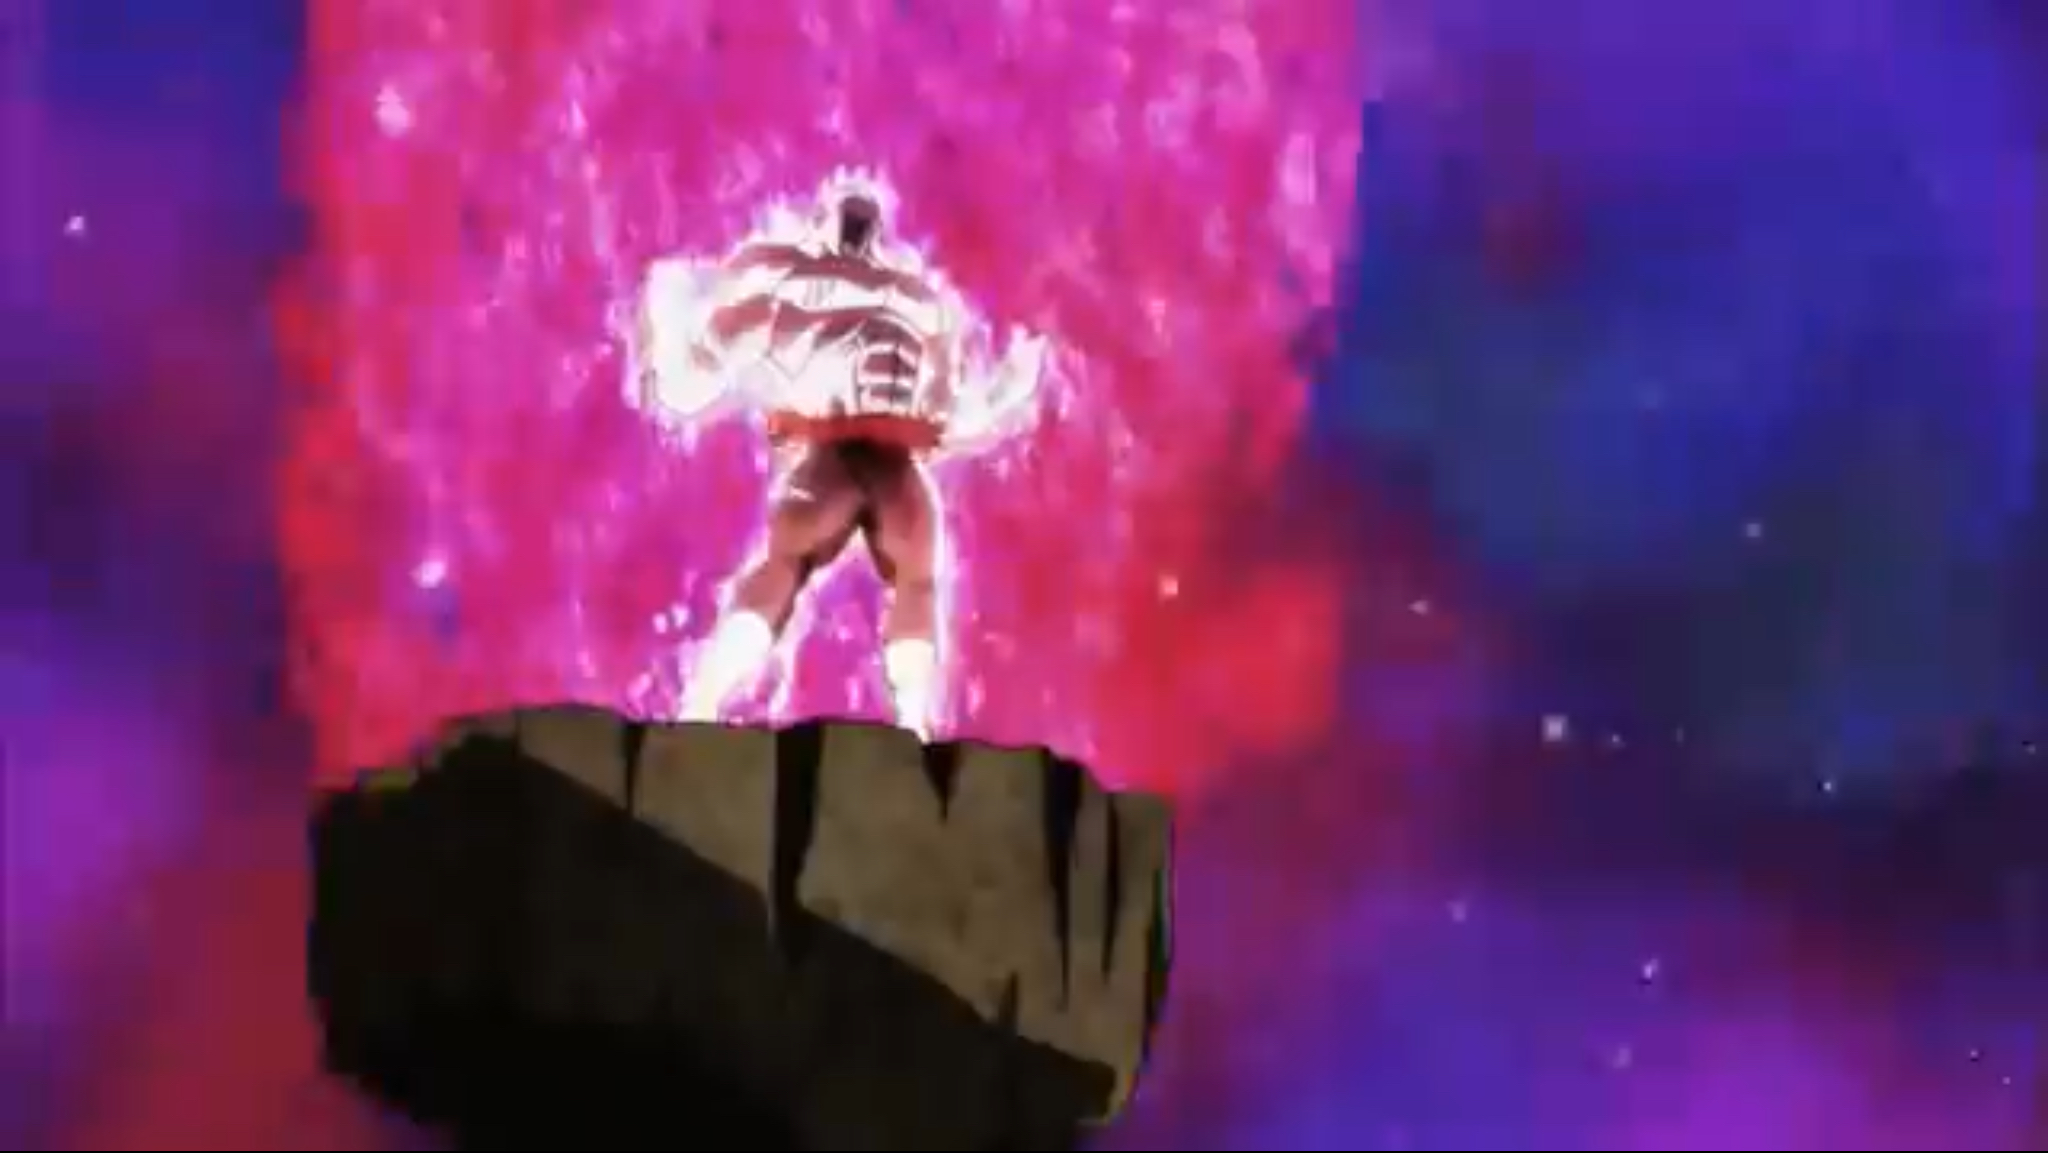 Full Power Jiren Powers Up